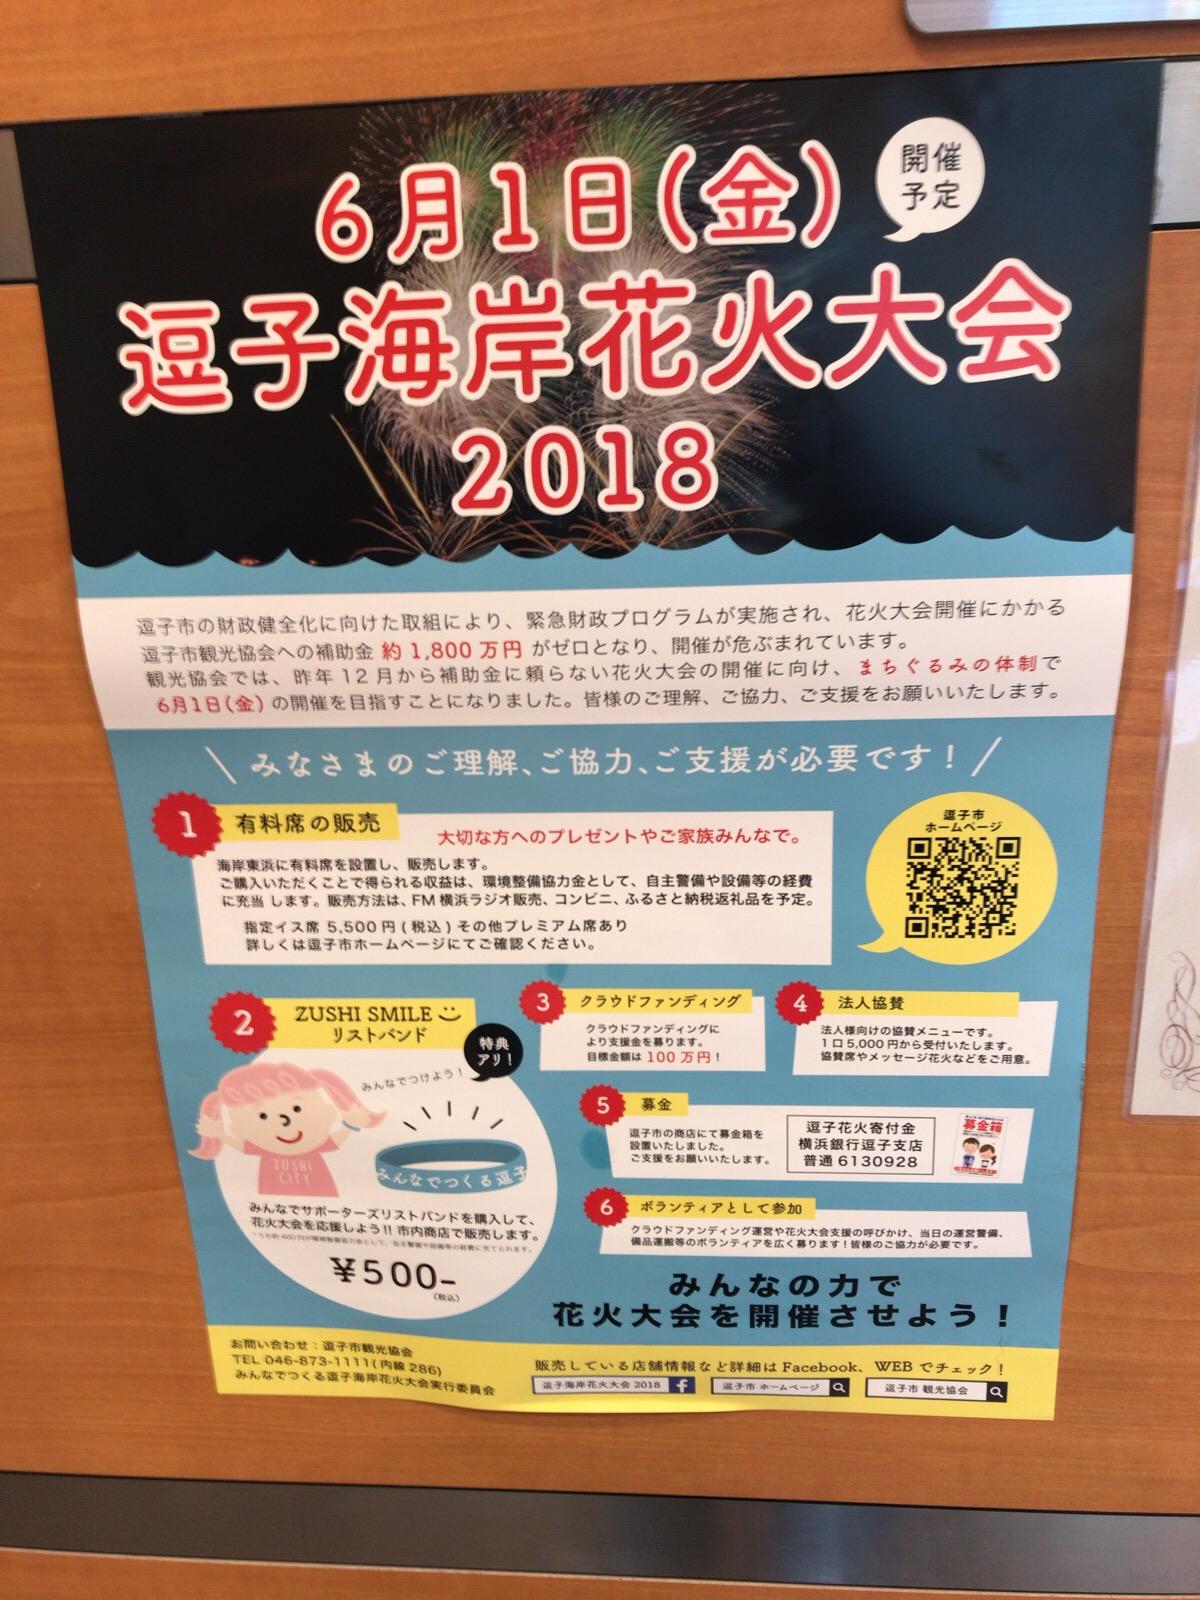 逗子花火大会 2018